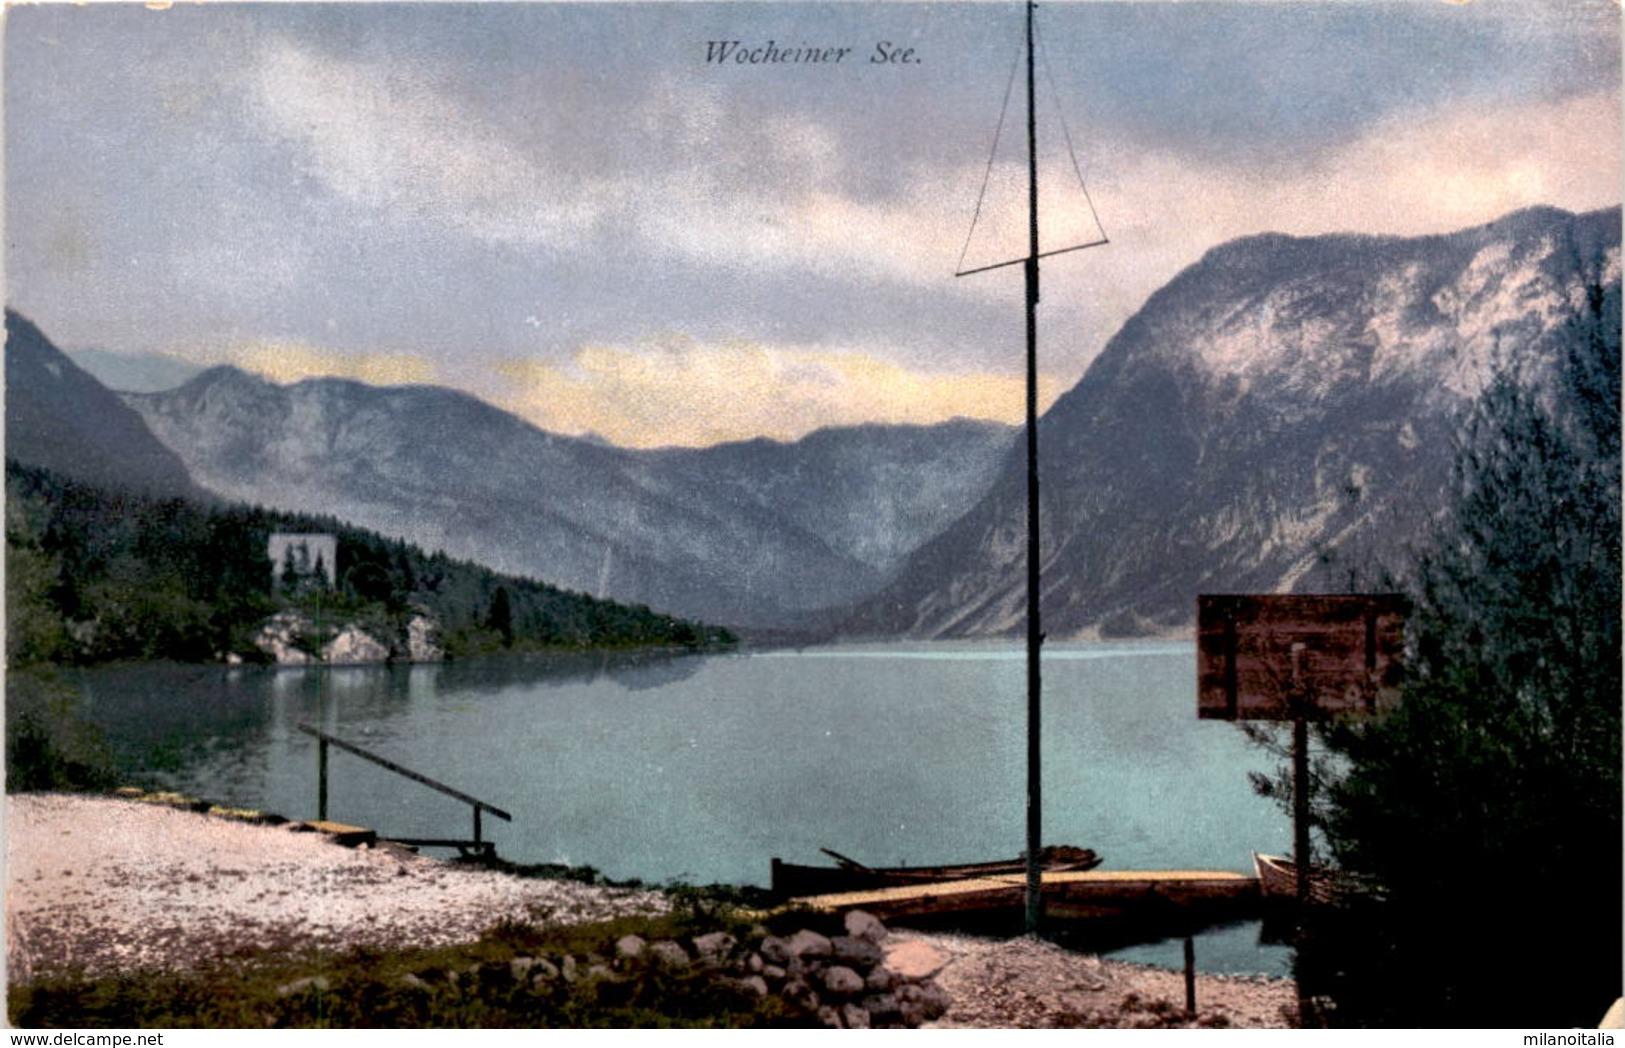 Wocheiner See (9699) - Slowenien